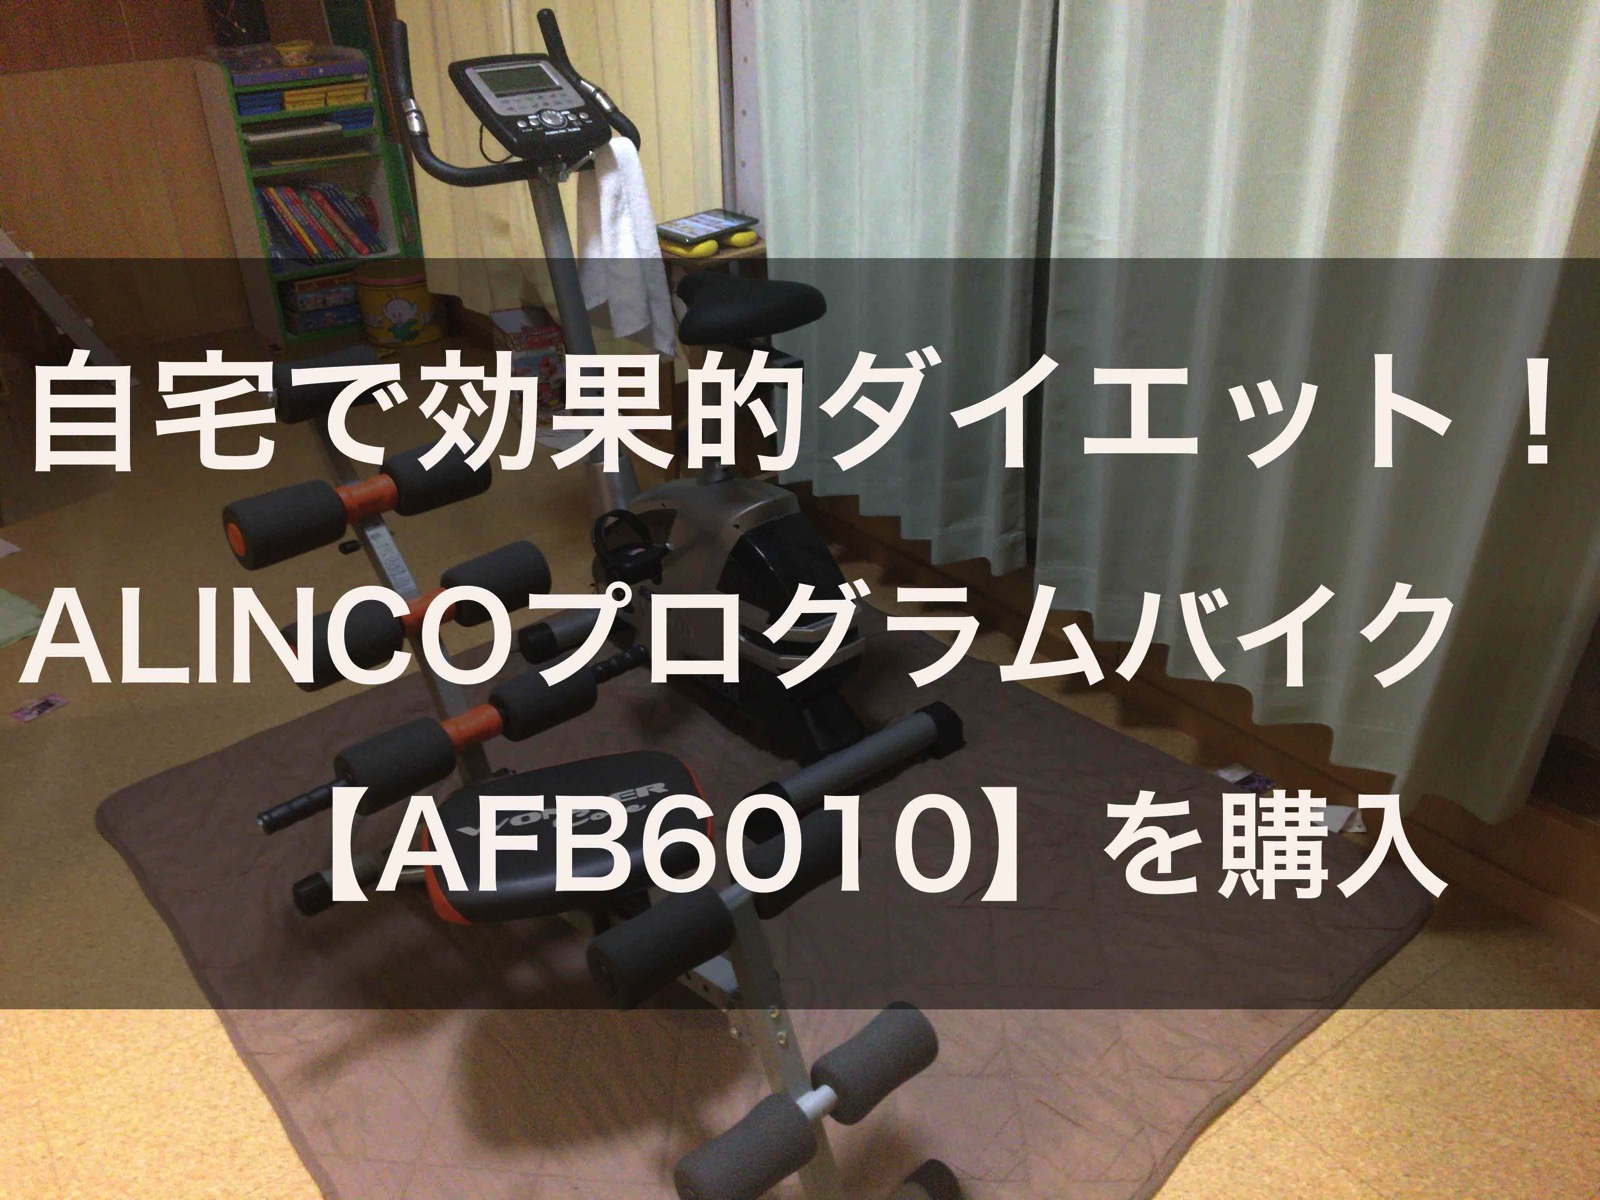 自宅で効果的ダイエット!エアロバイク【ALINCOプログラムバイク AFB6010】を購入